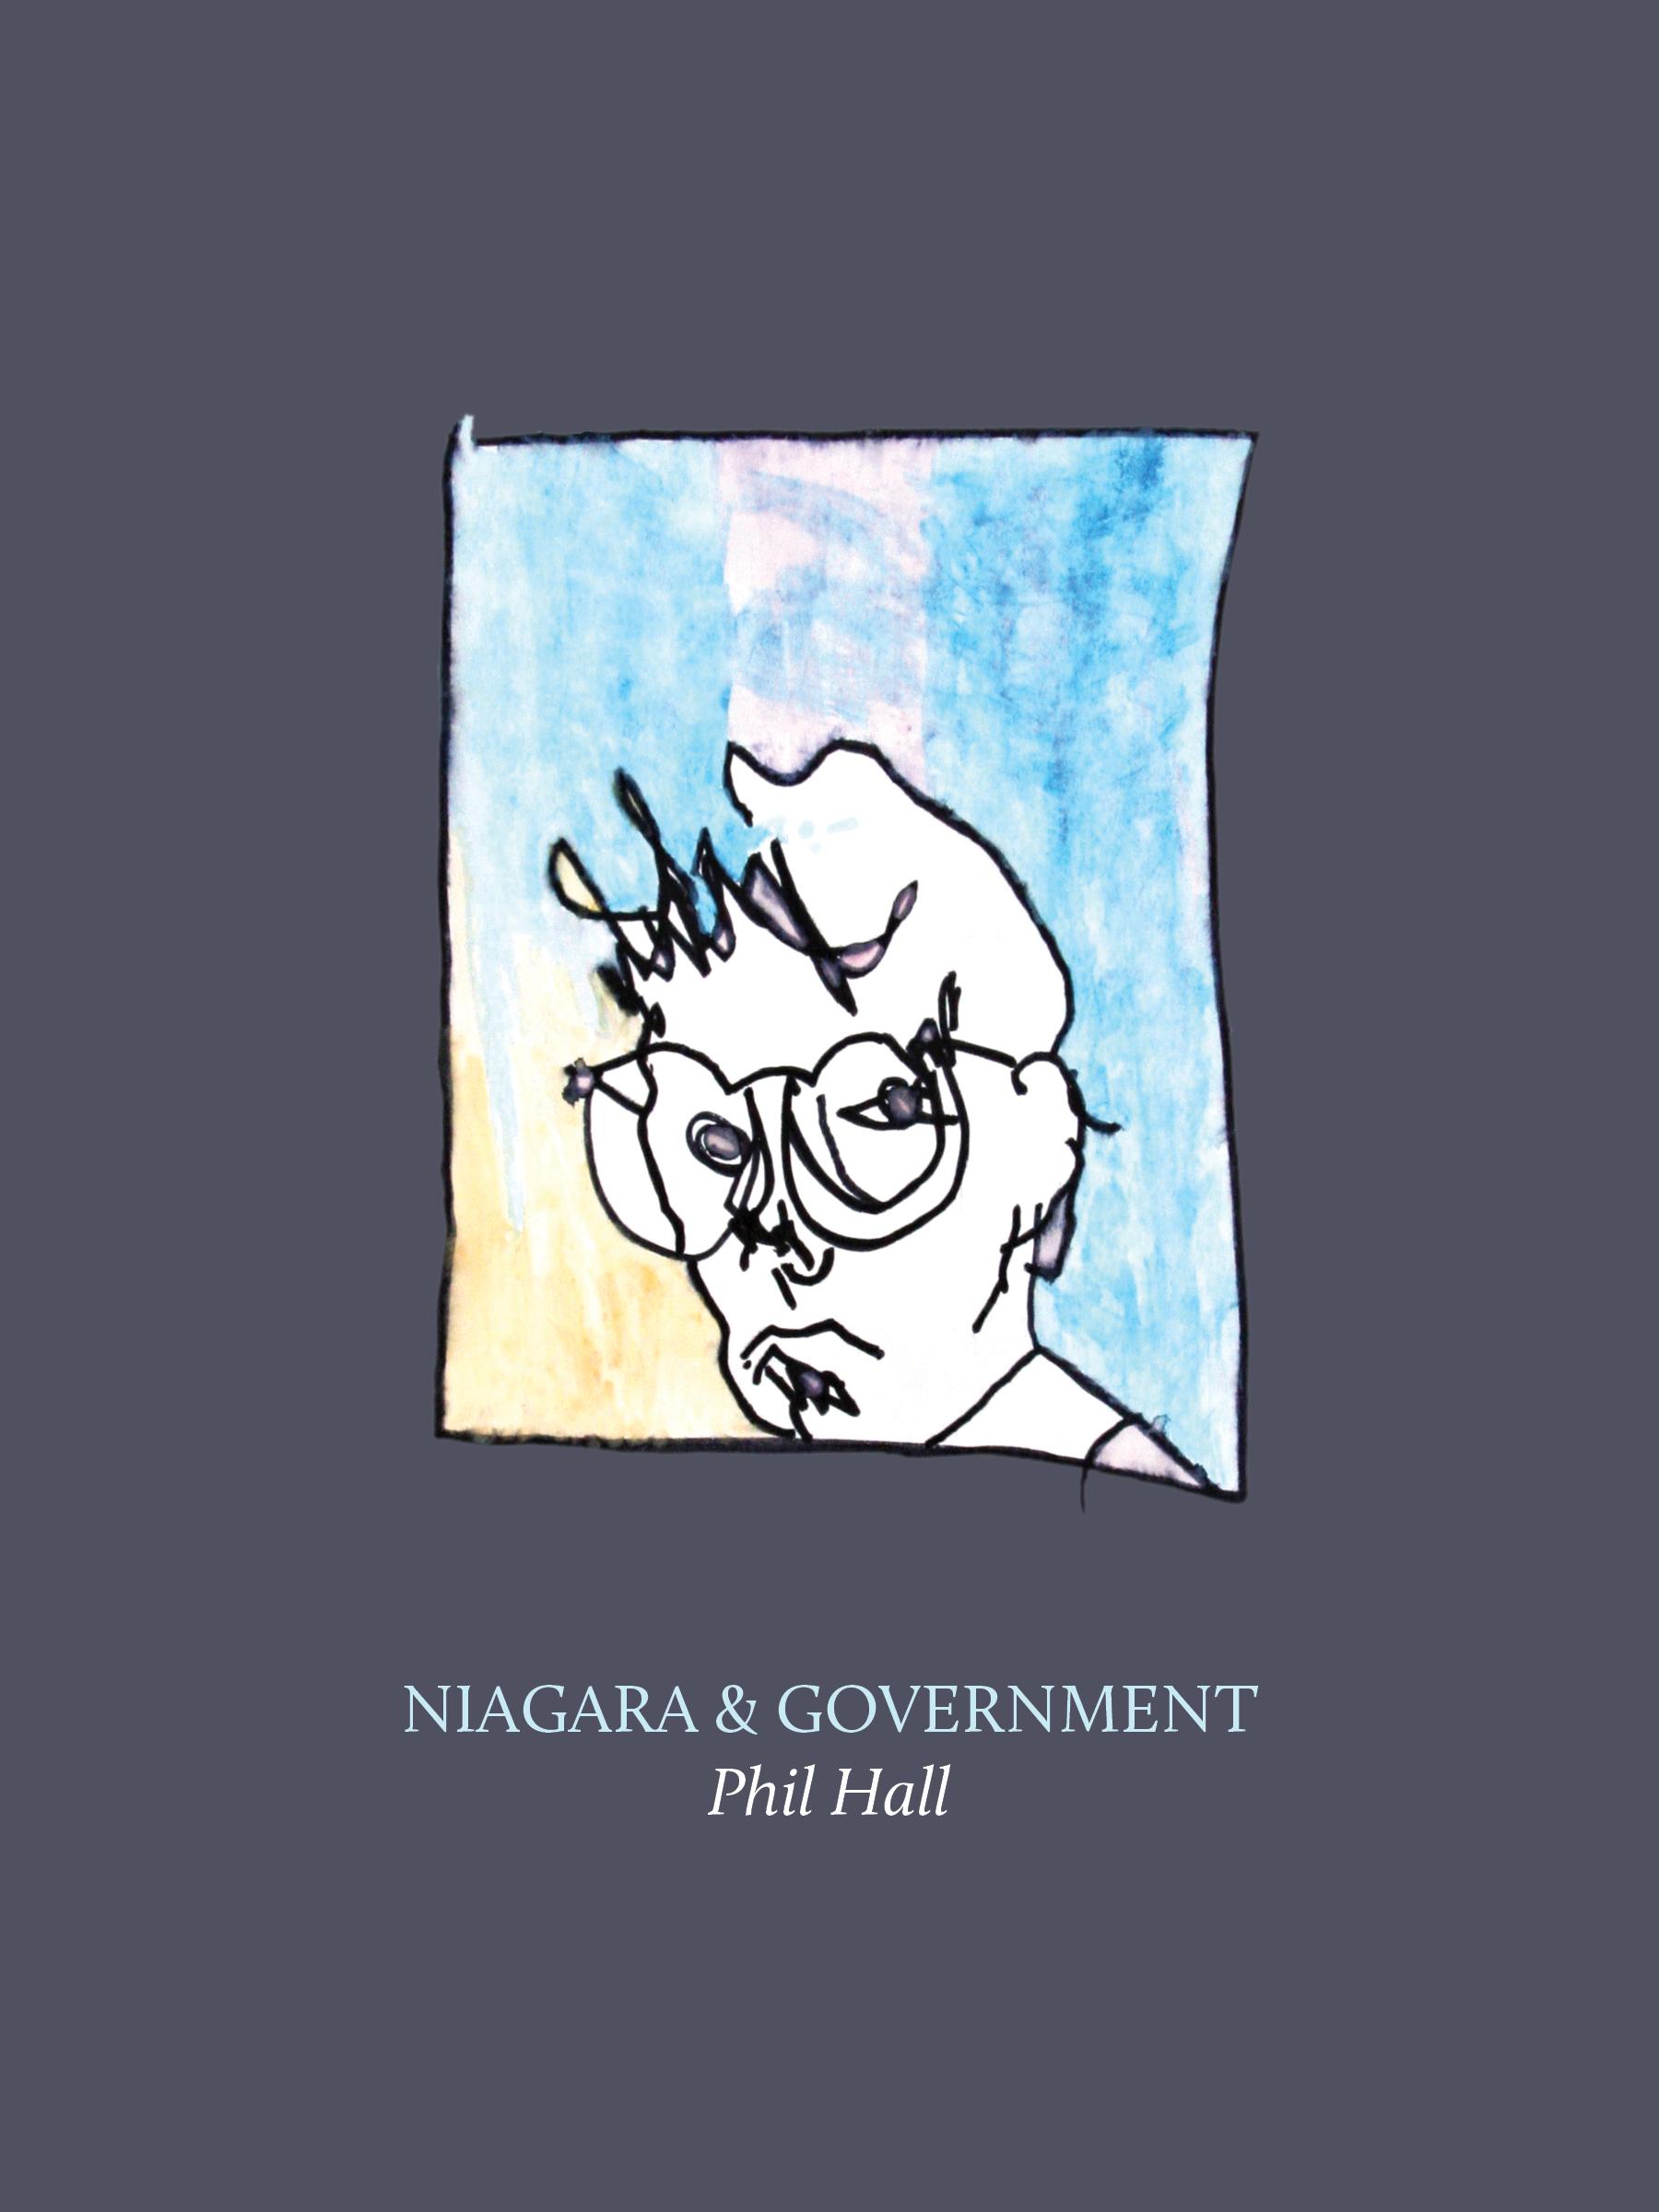 Niagara & Government